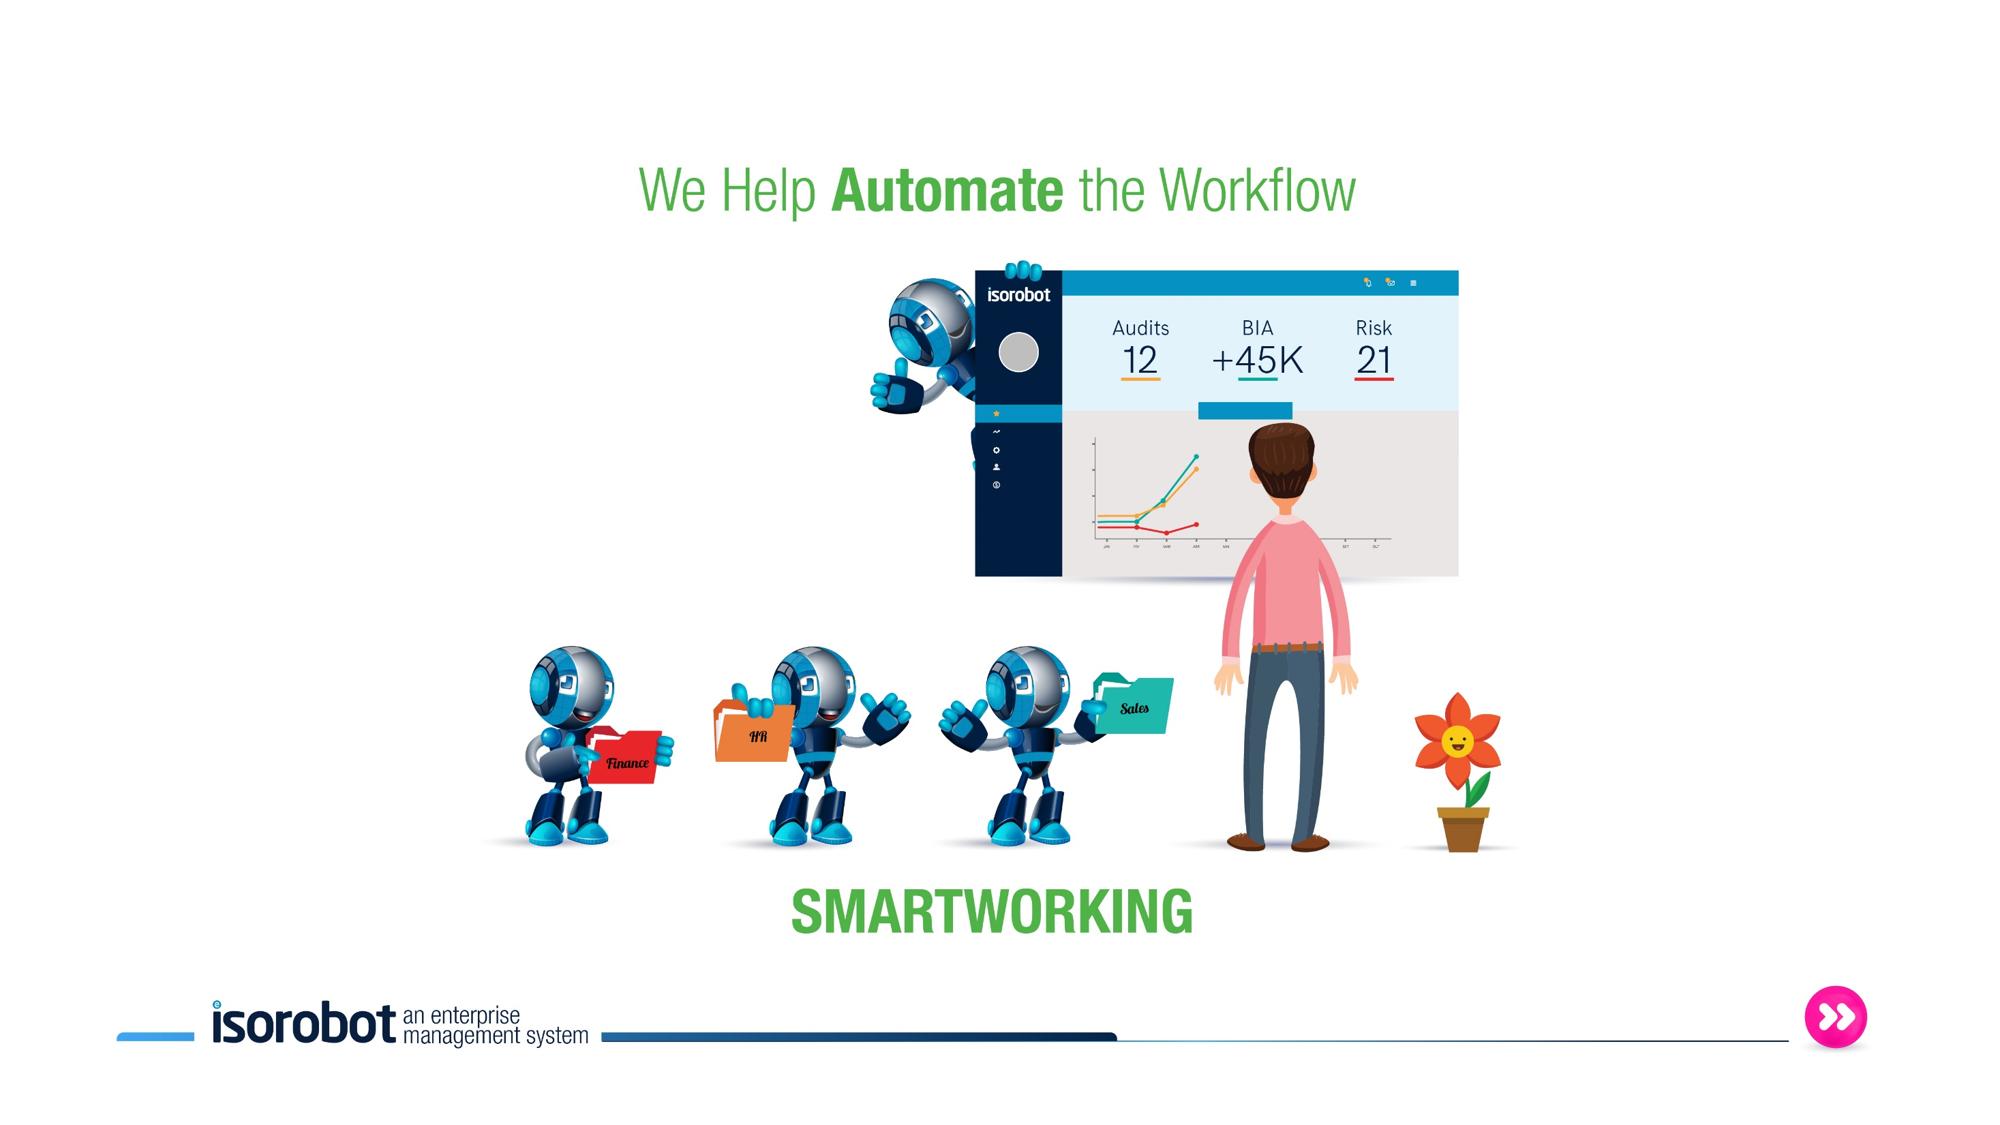 Isorobot Workflow